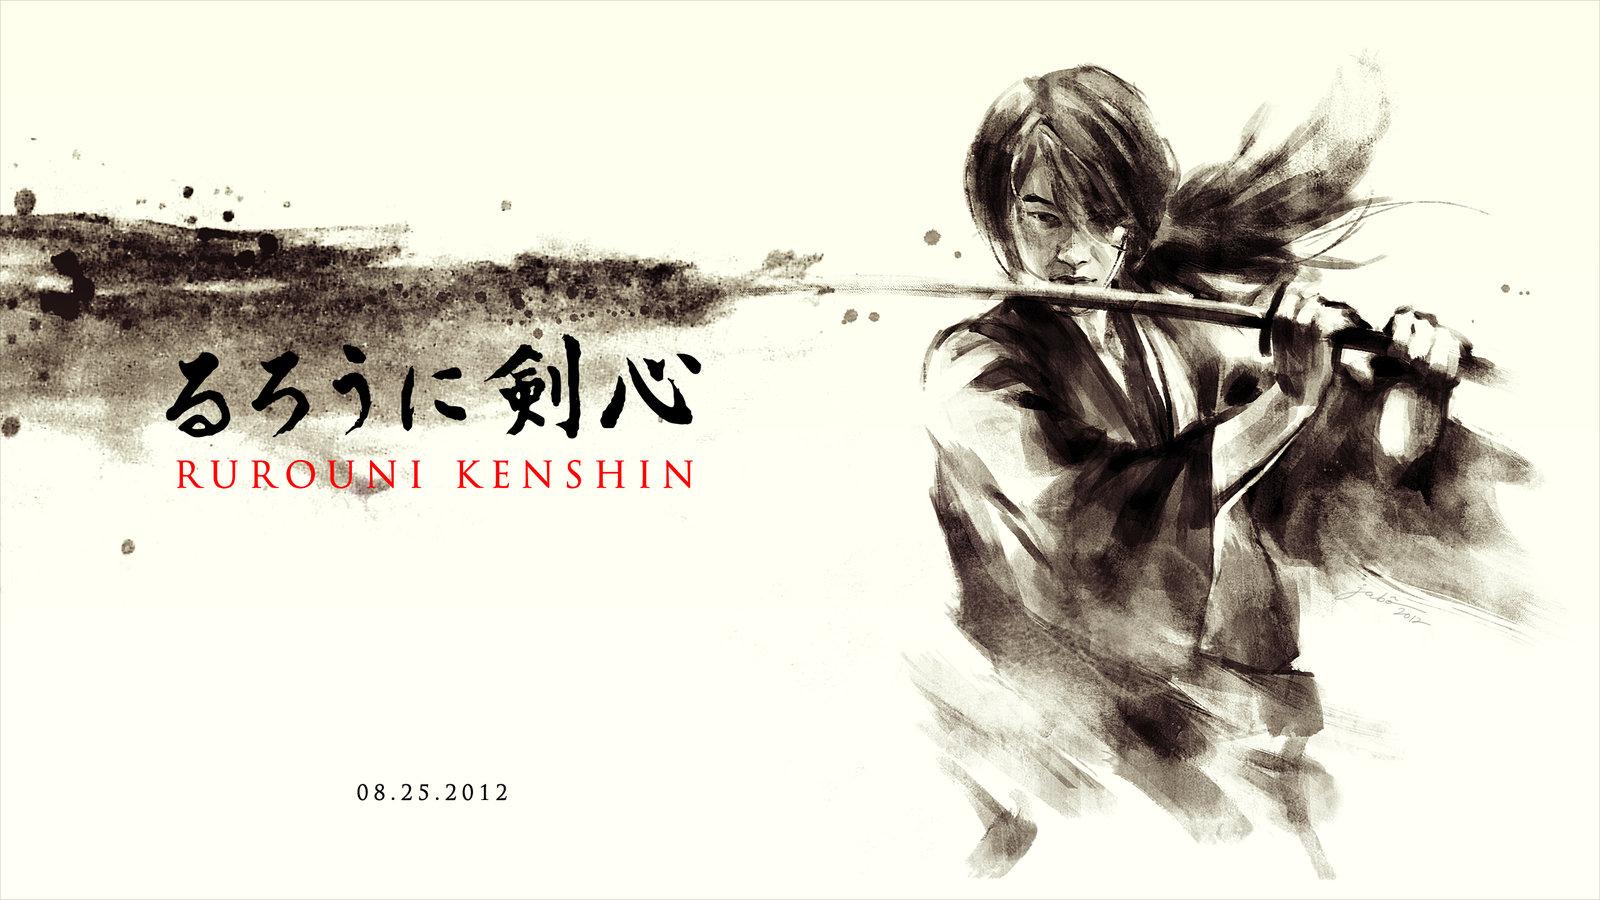 Himura Kenshin Wallpaper - WallpaperSafari